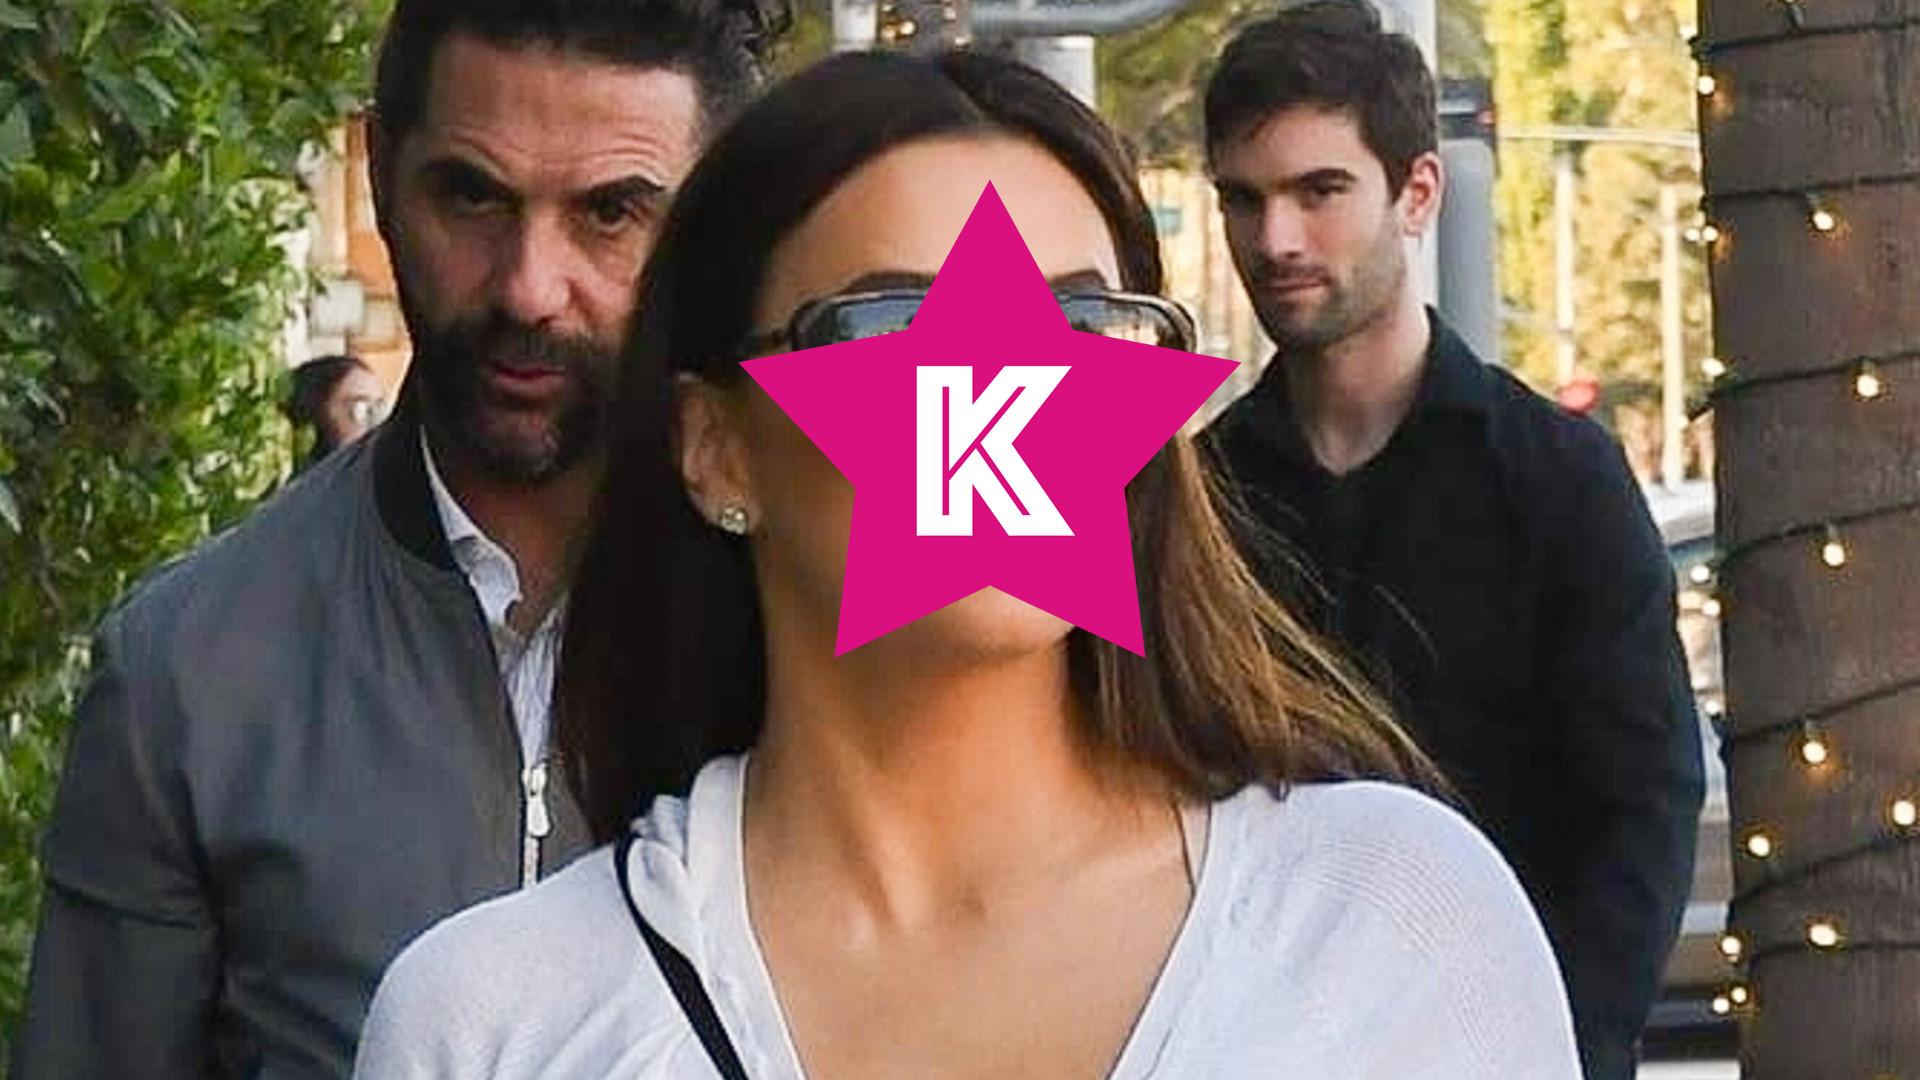 Czy Eva Longoria przerabia się na Kim Kardashian? Co się dzieje z jej twarzą? (ZDJĘCIA)